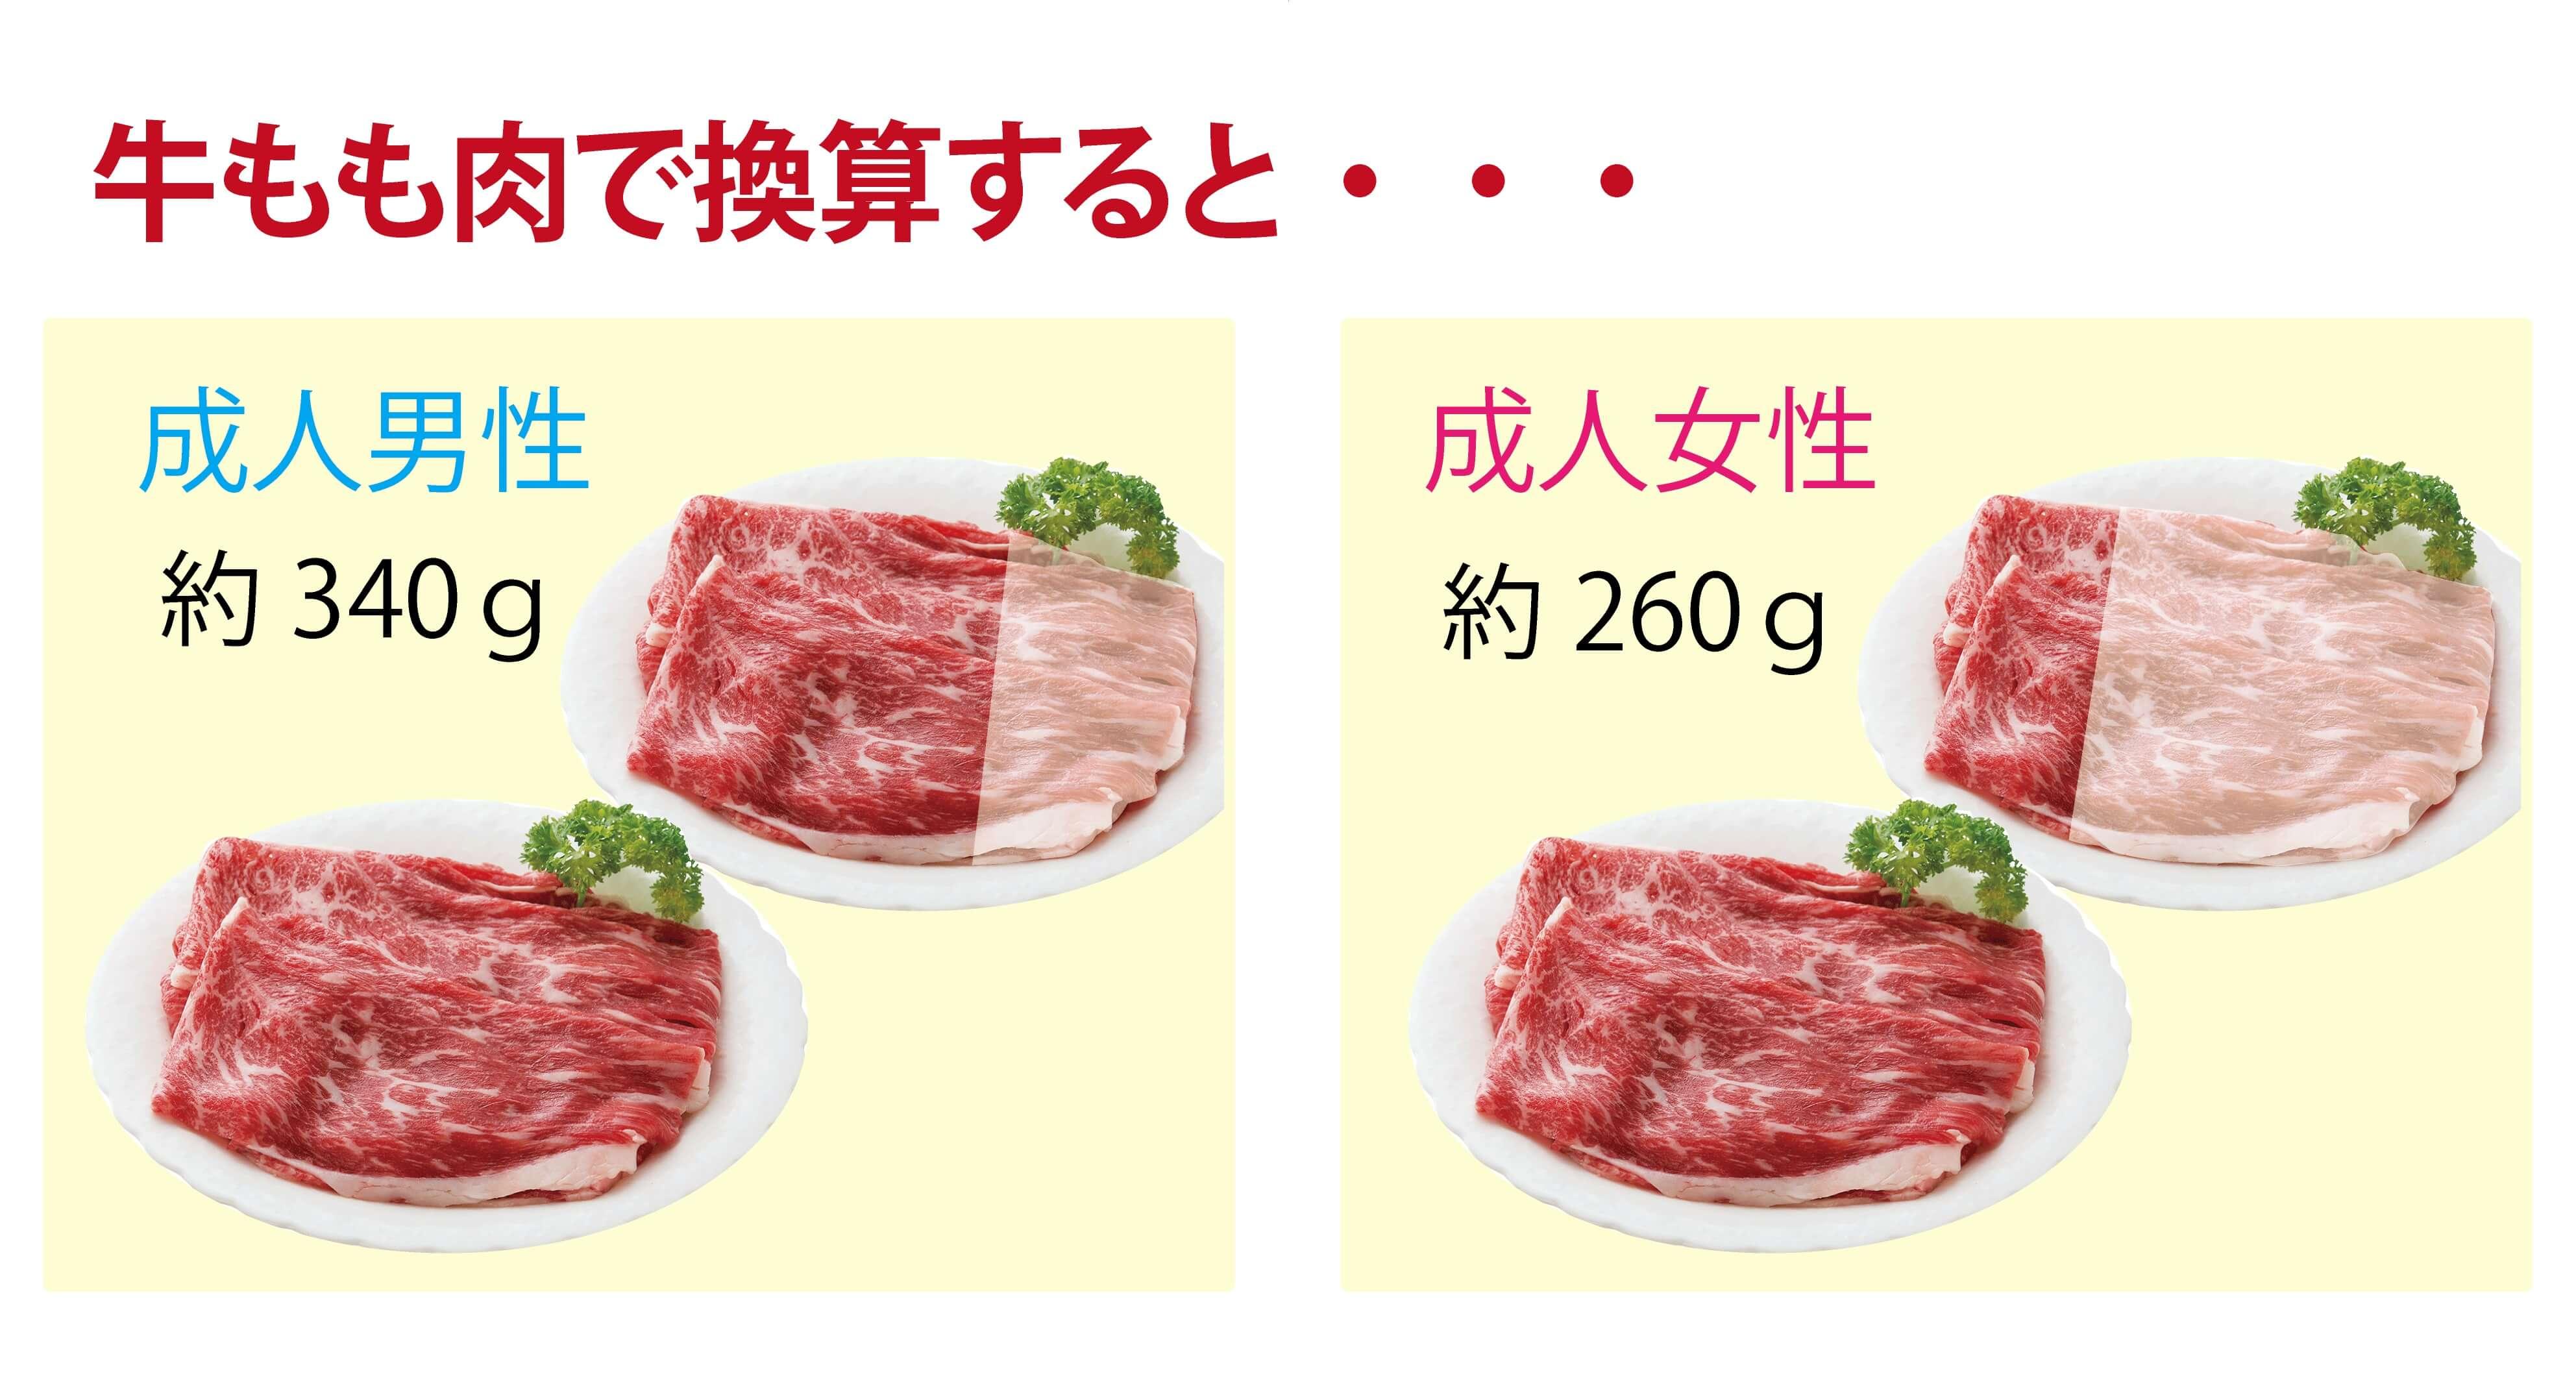 牛モモ肉で換算すると・・・